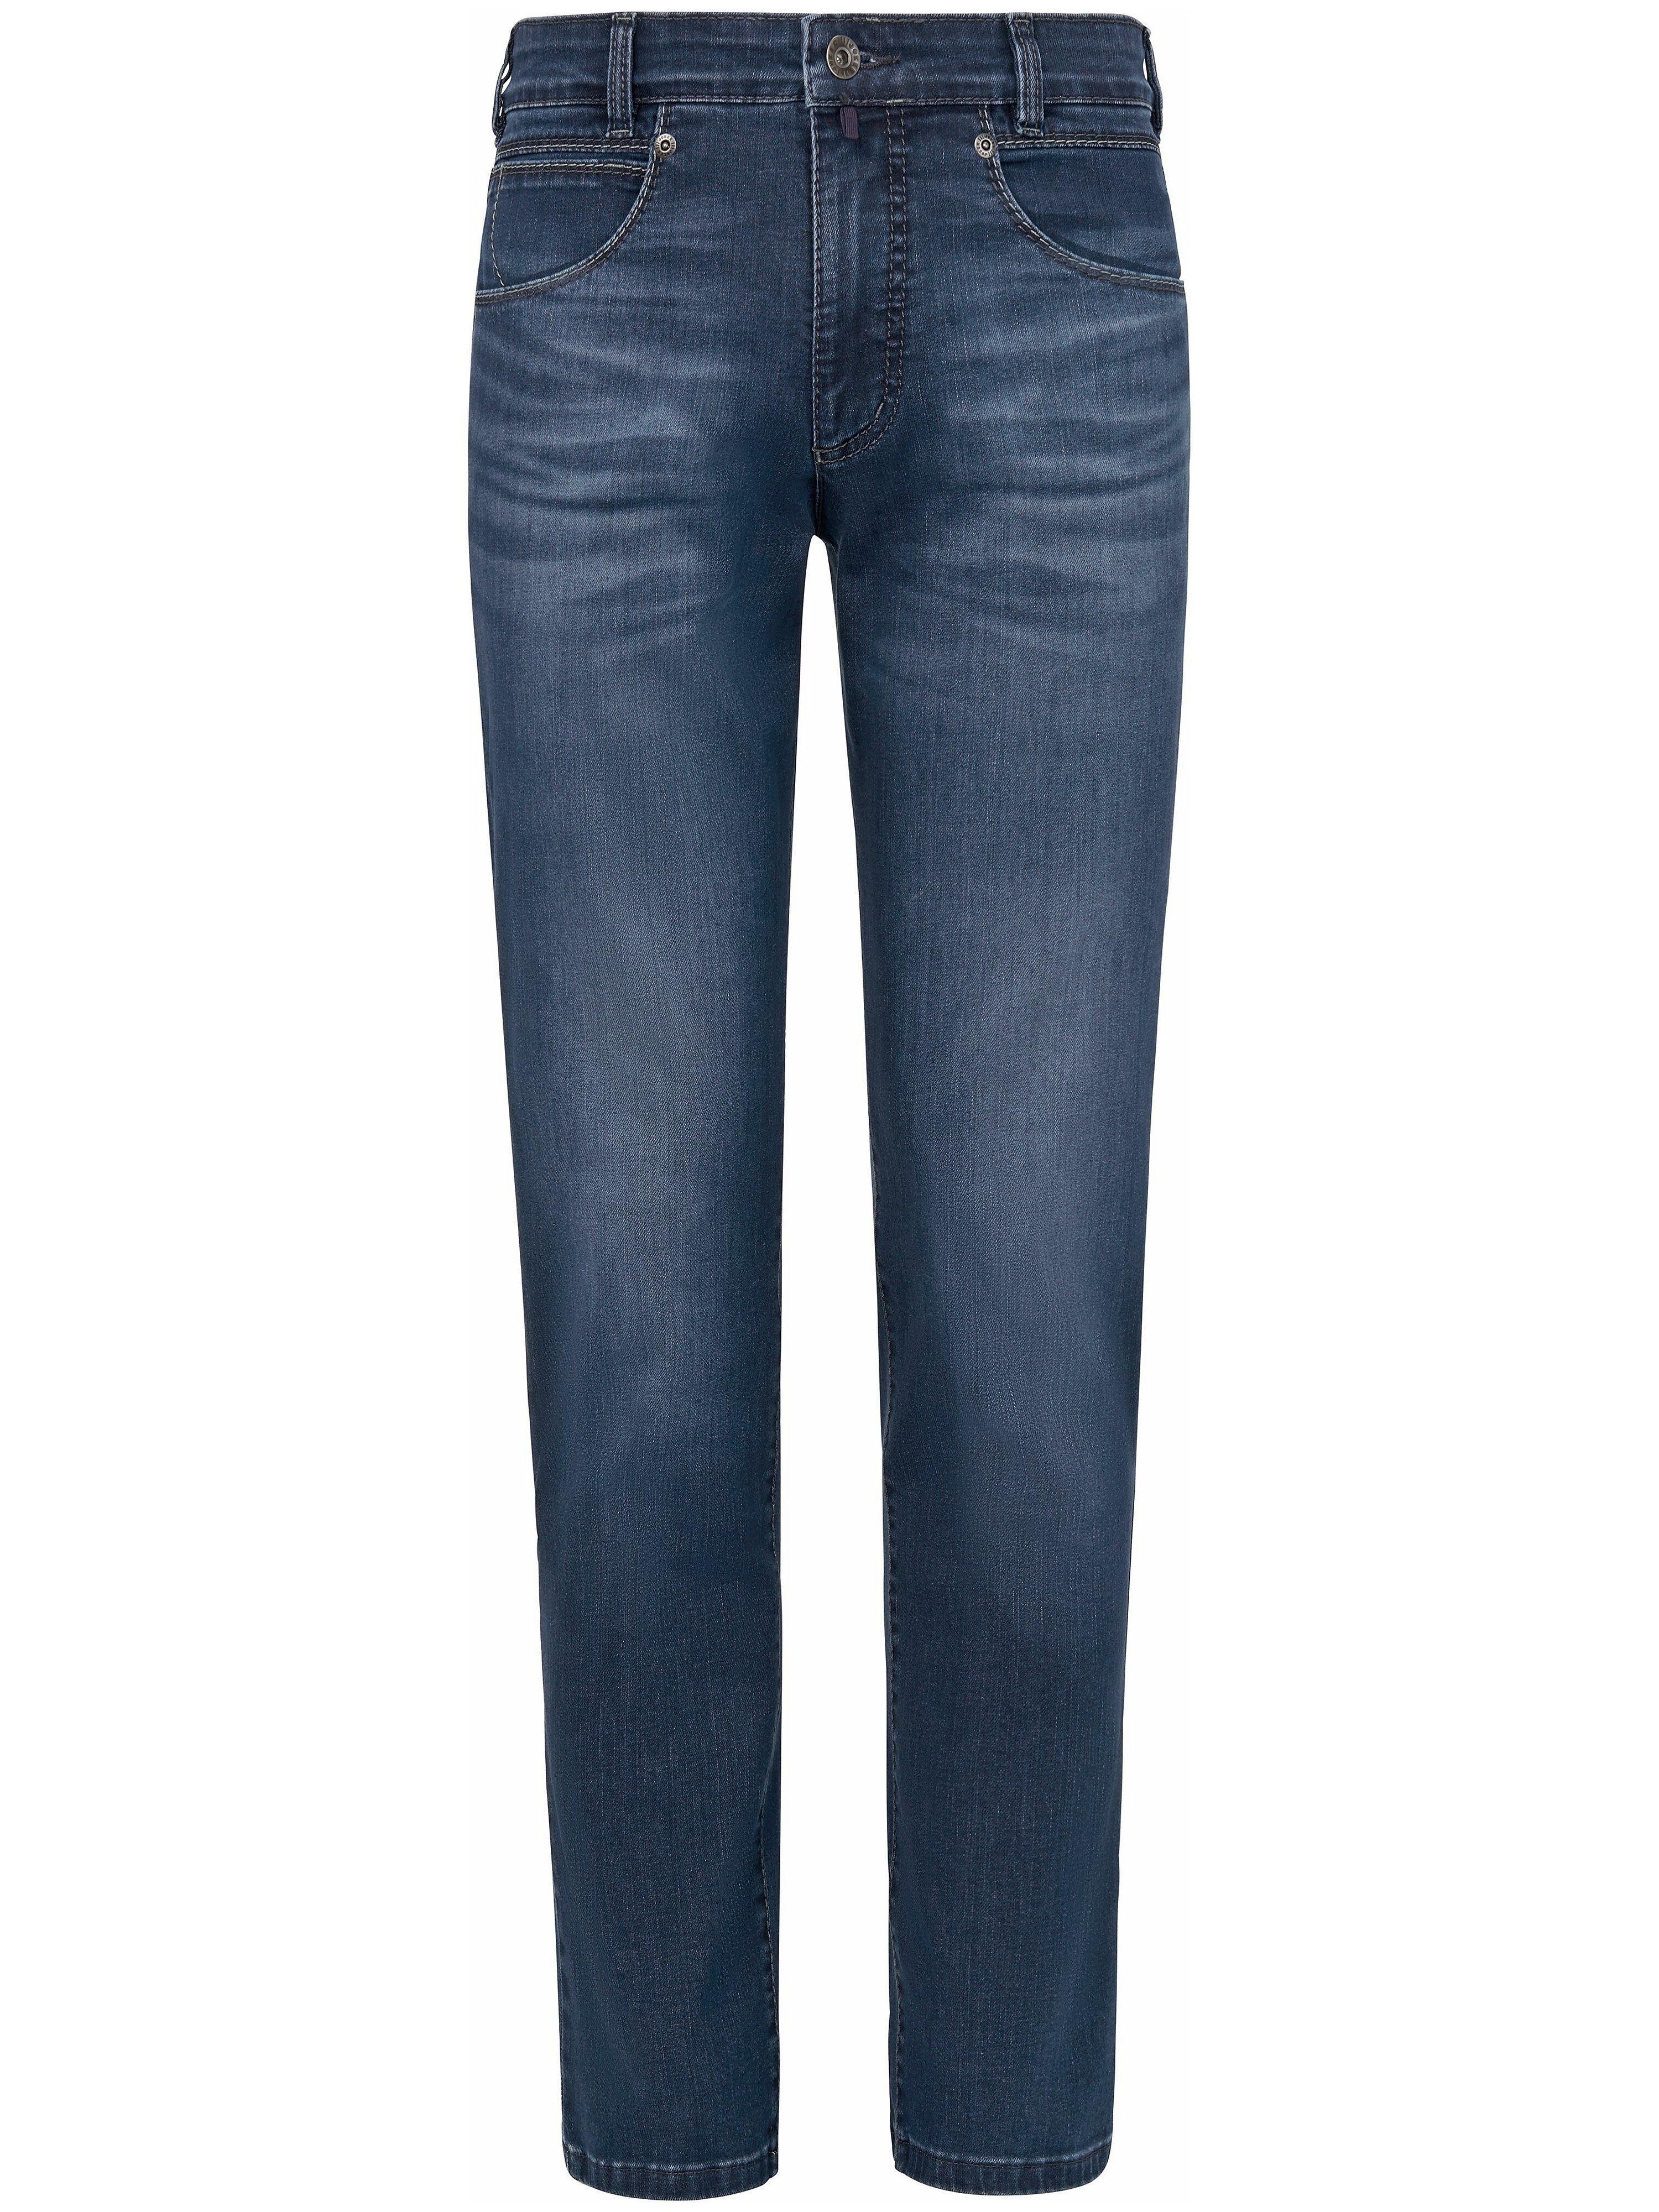 Le jean modèle Freddy  JOKER denim taille 38